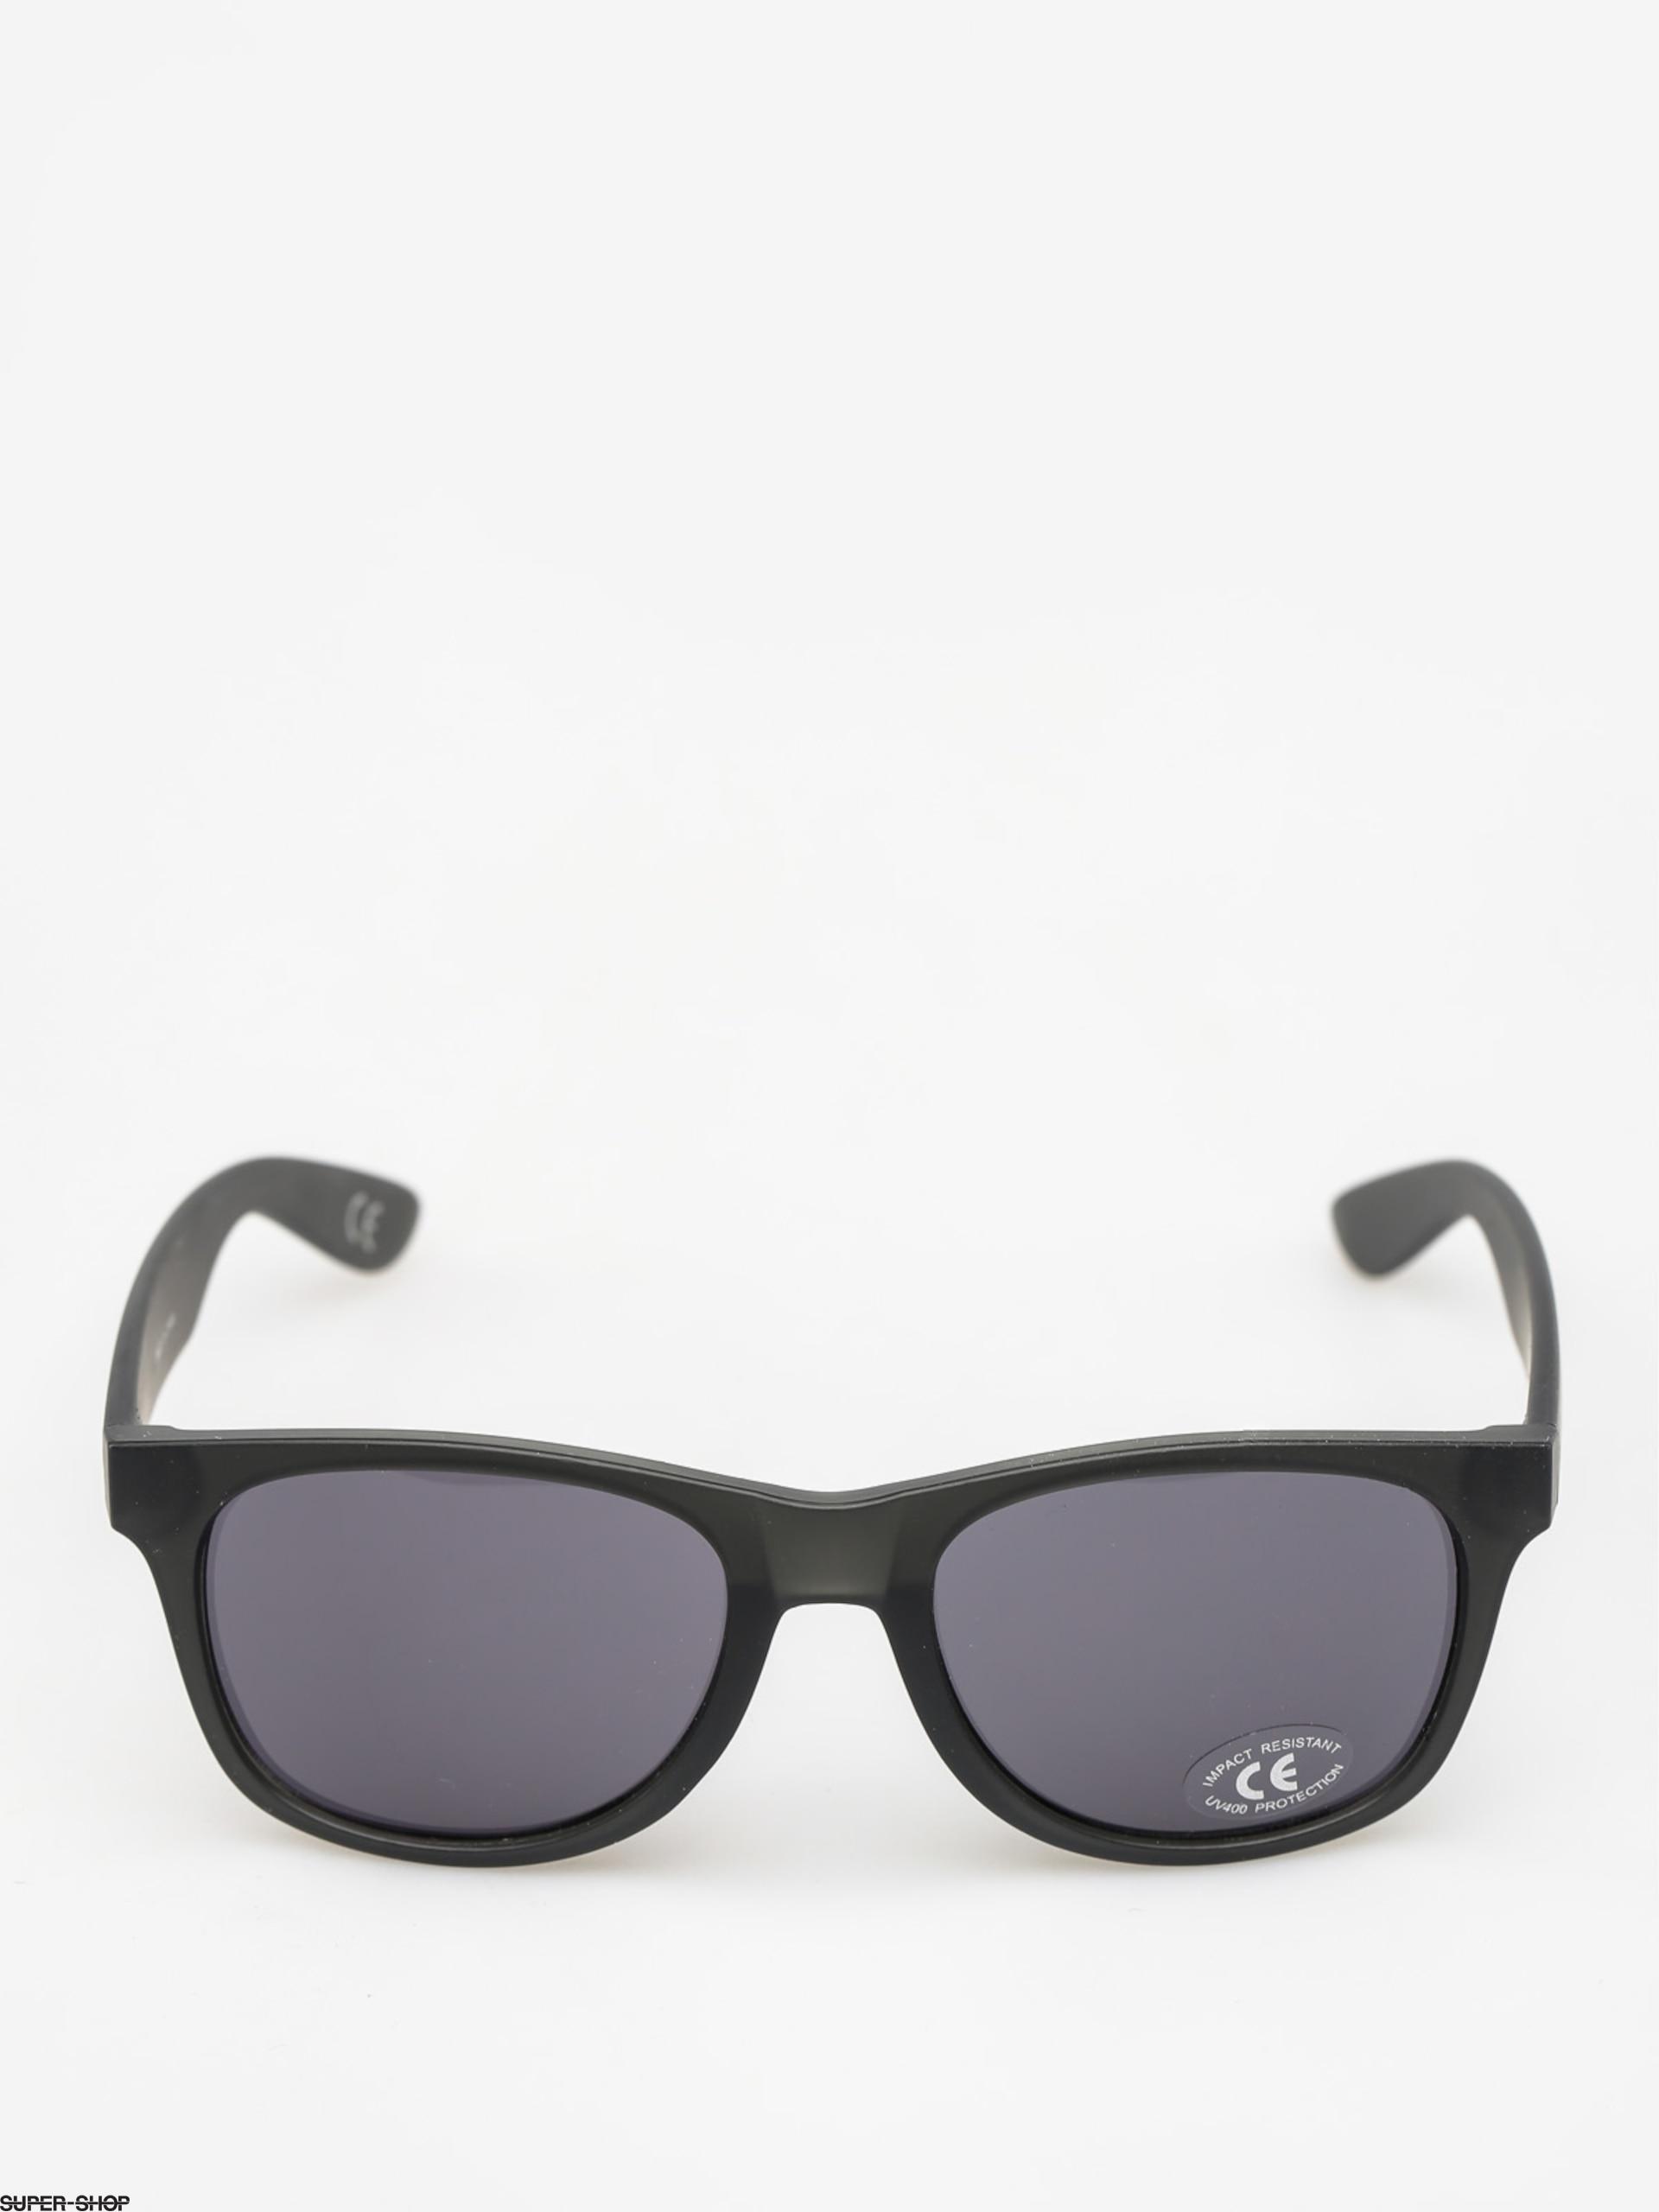 fa02edf29d Vans sunglasses Spicoli 4 (black frosted t)